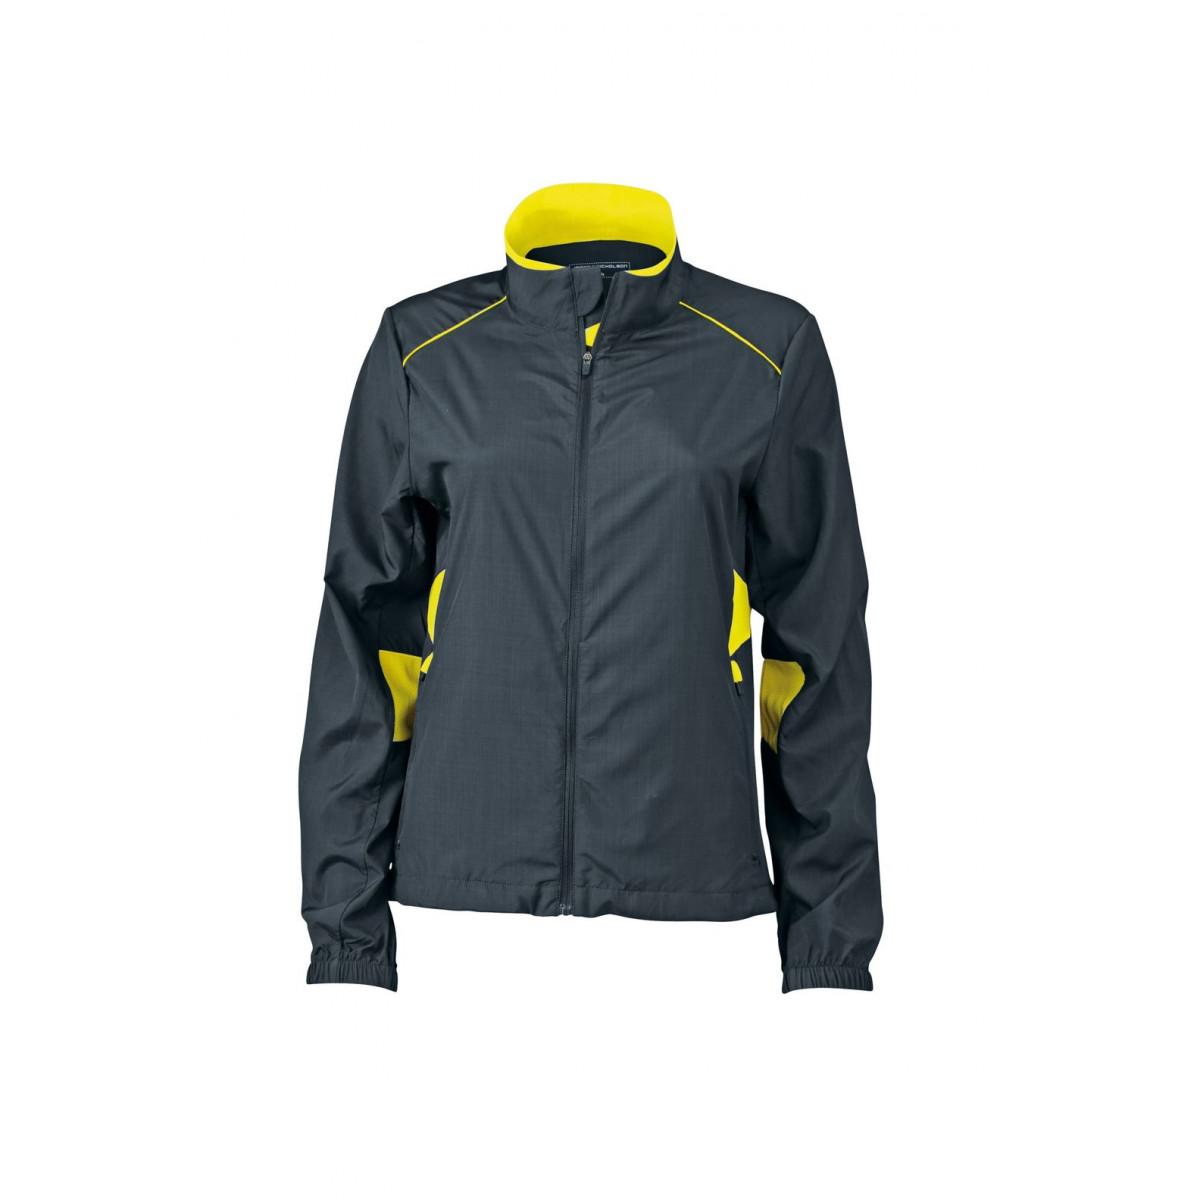 Куртка женская JN475 Ladies Performance Jacket - Стальной/Лимонный